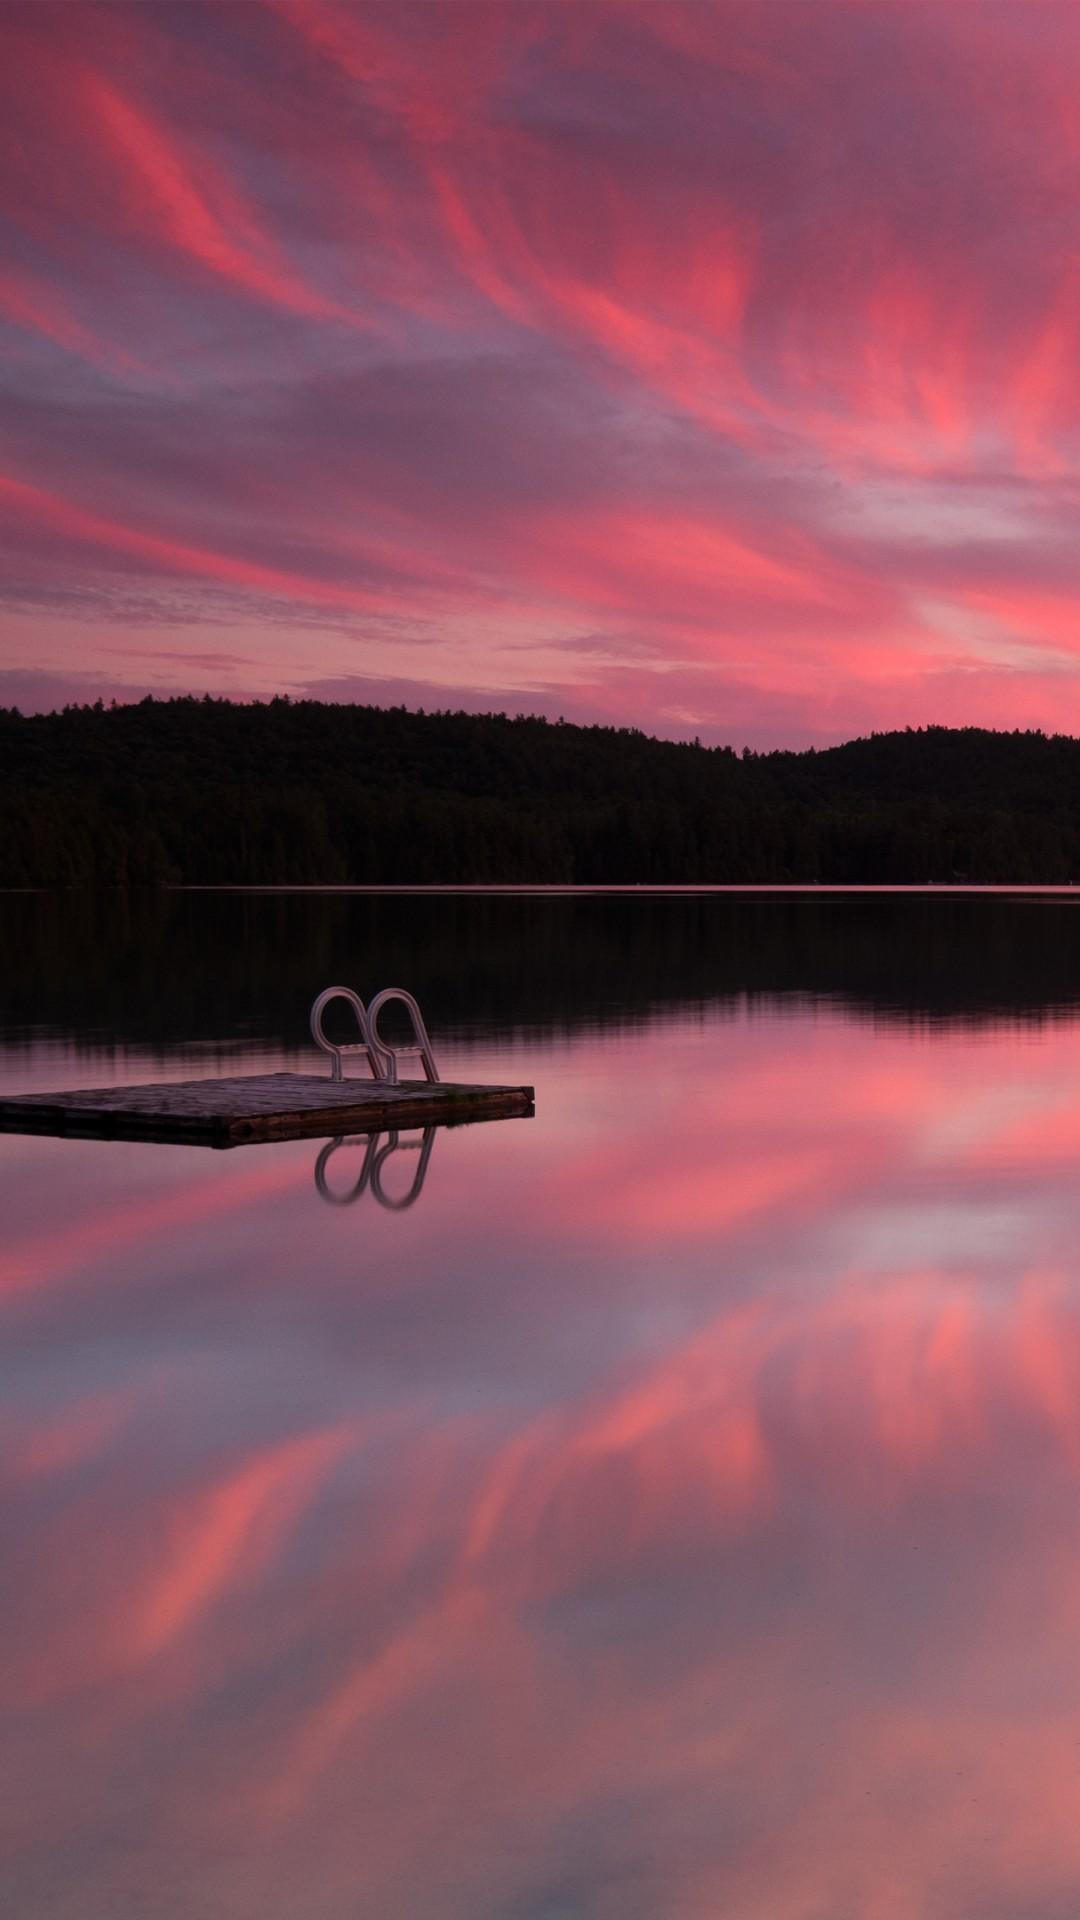 Wallpaper Lake, 4k, HD wallpaper, sea, pink sunset ...